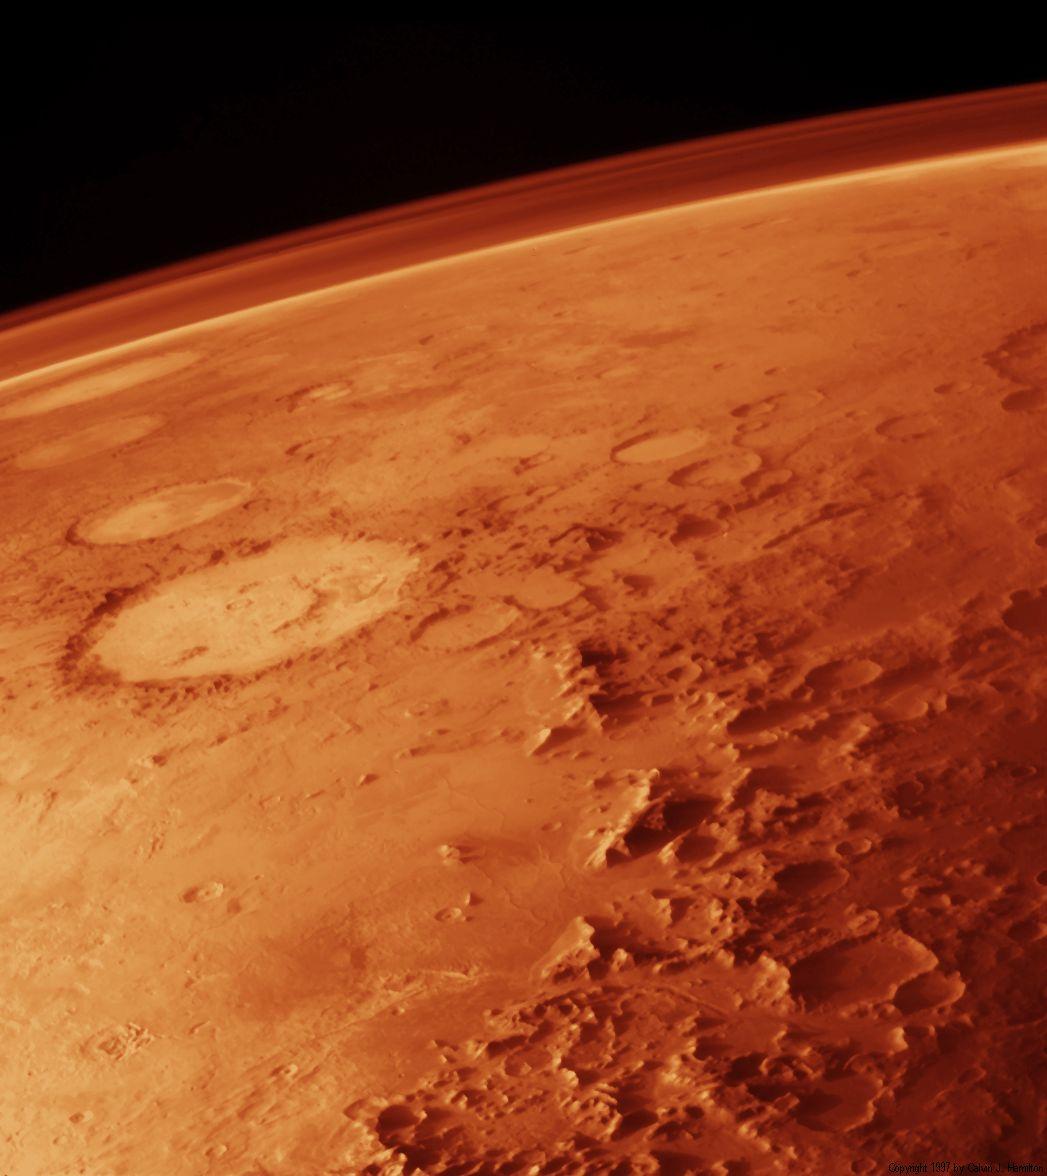 La teoría de los microbios en Marte